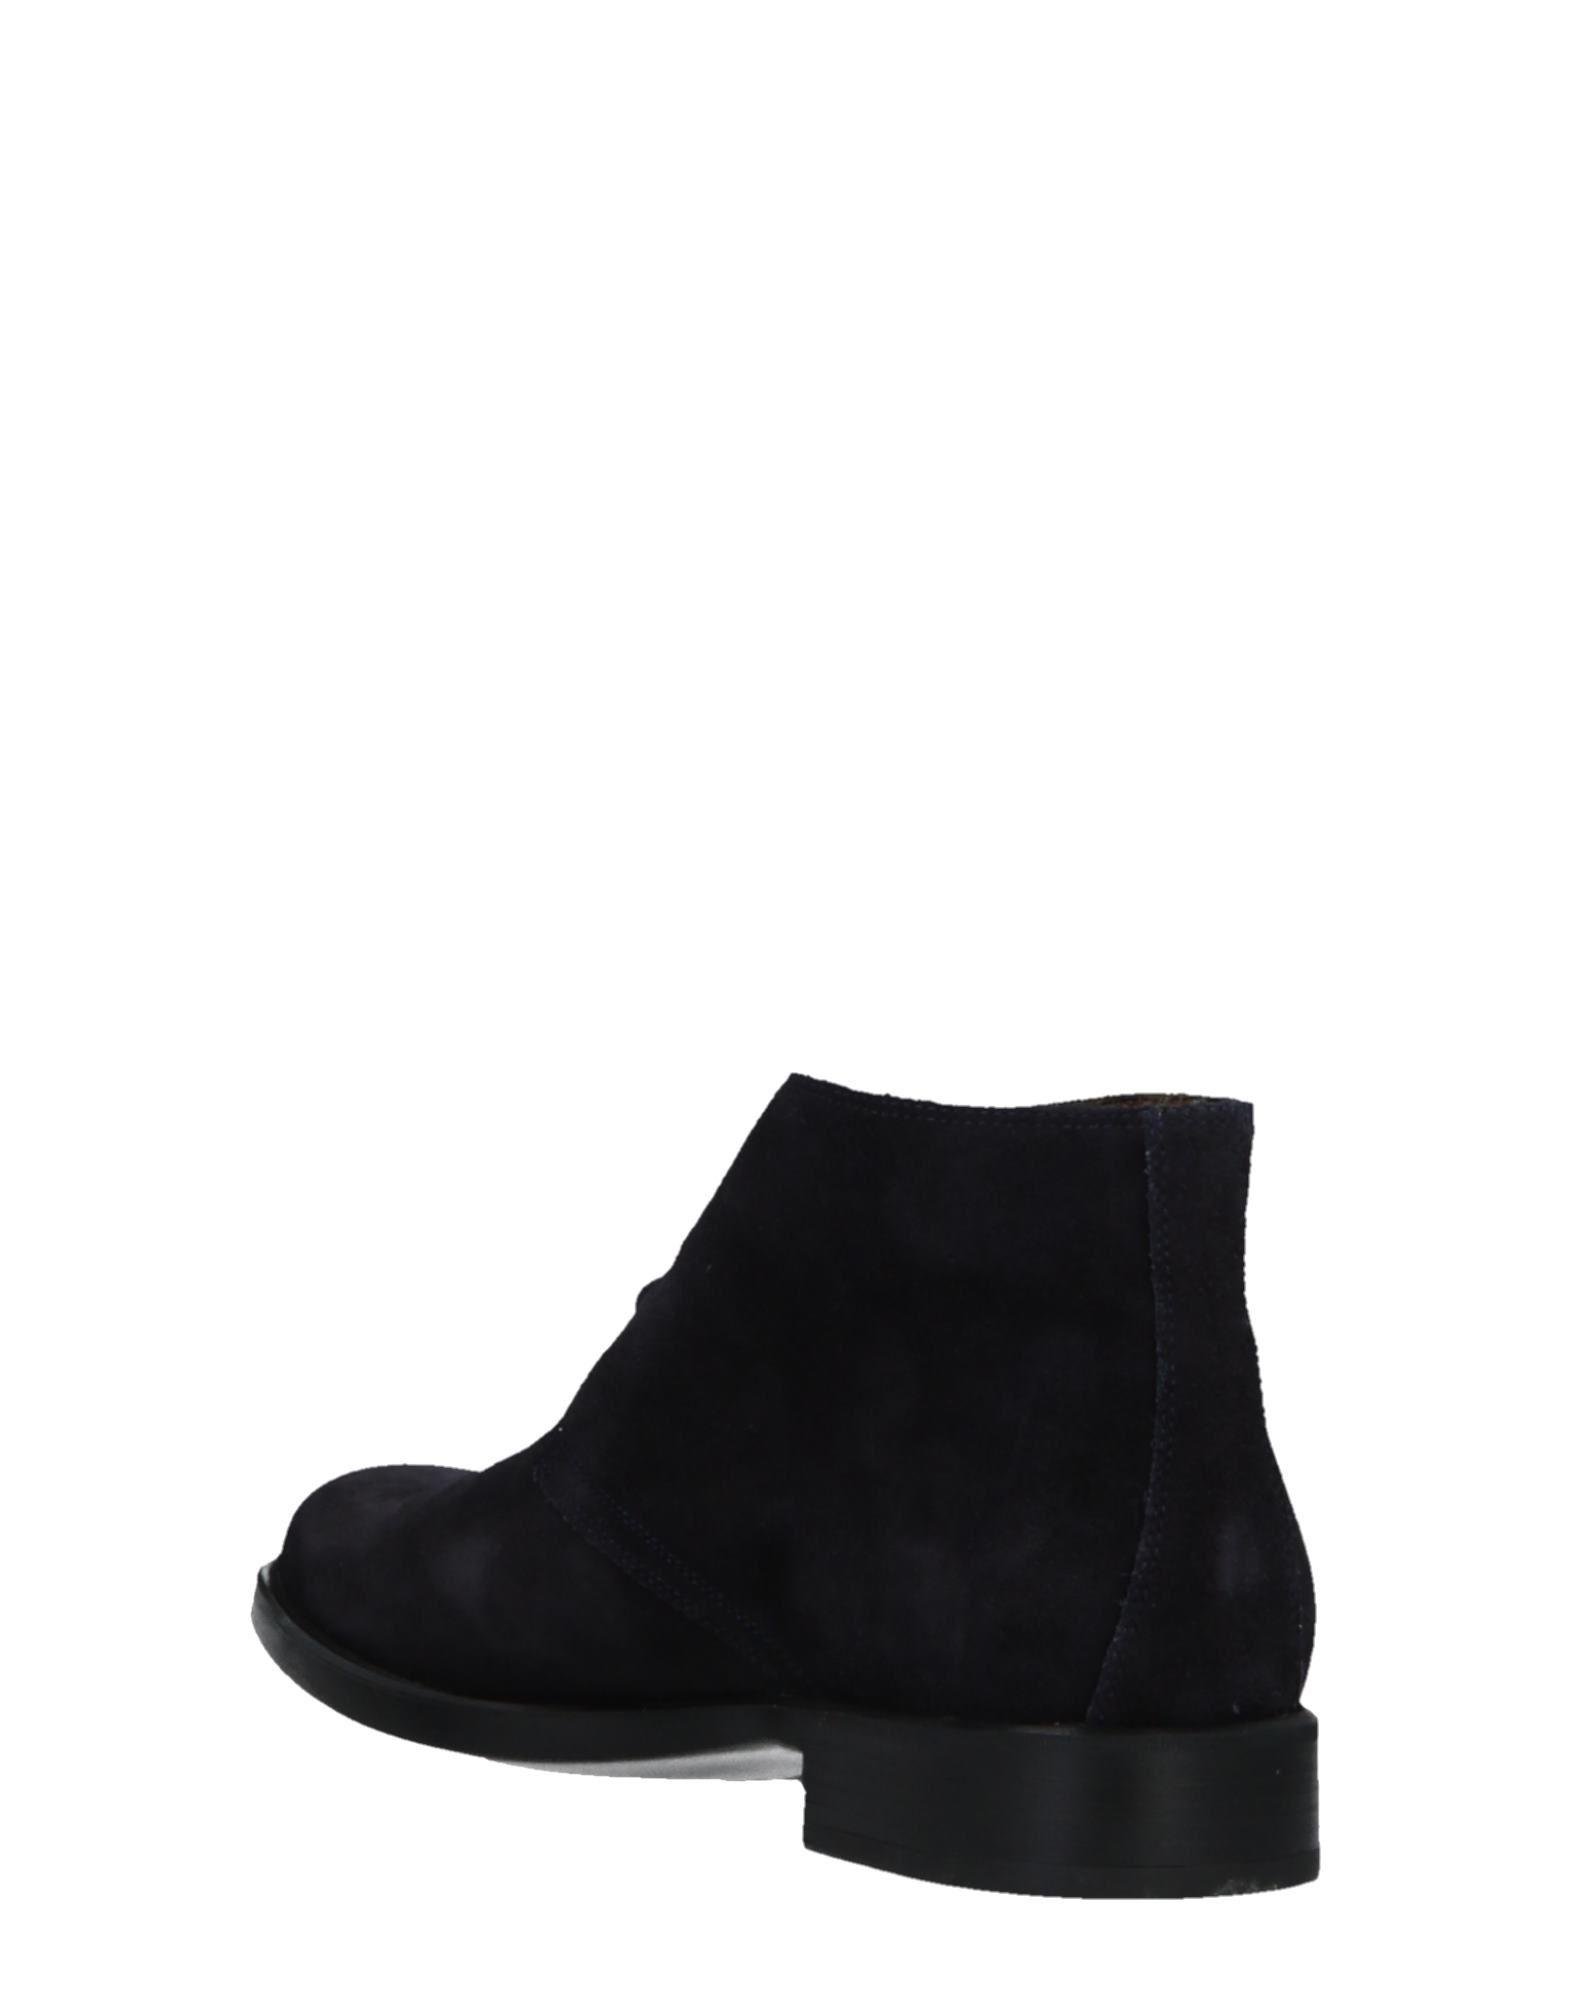 Wexford Stiefelette Gute Herren  44999985OQ Gute Stiefelette Qualität beliebte Schuhe 40734f